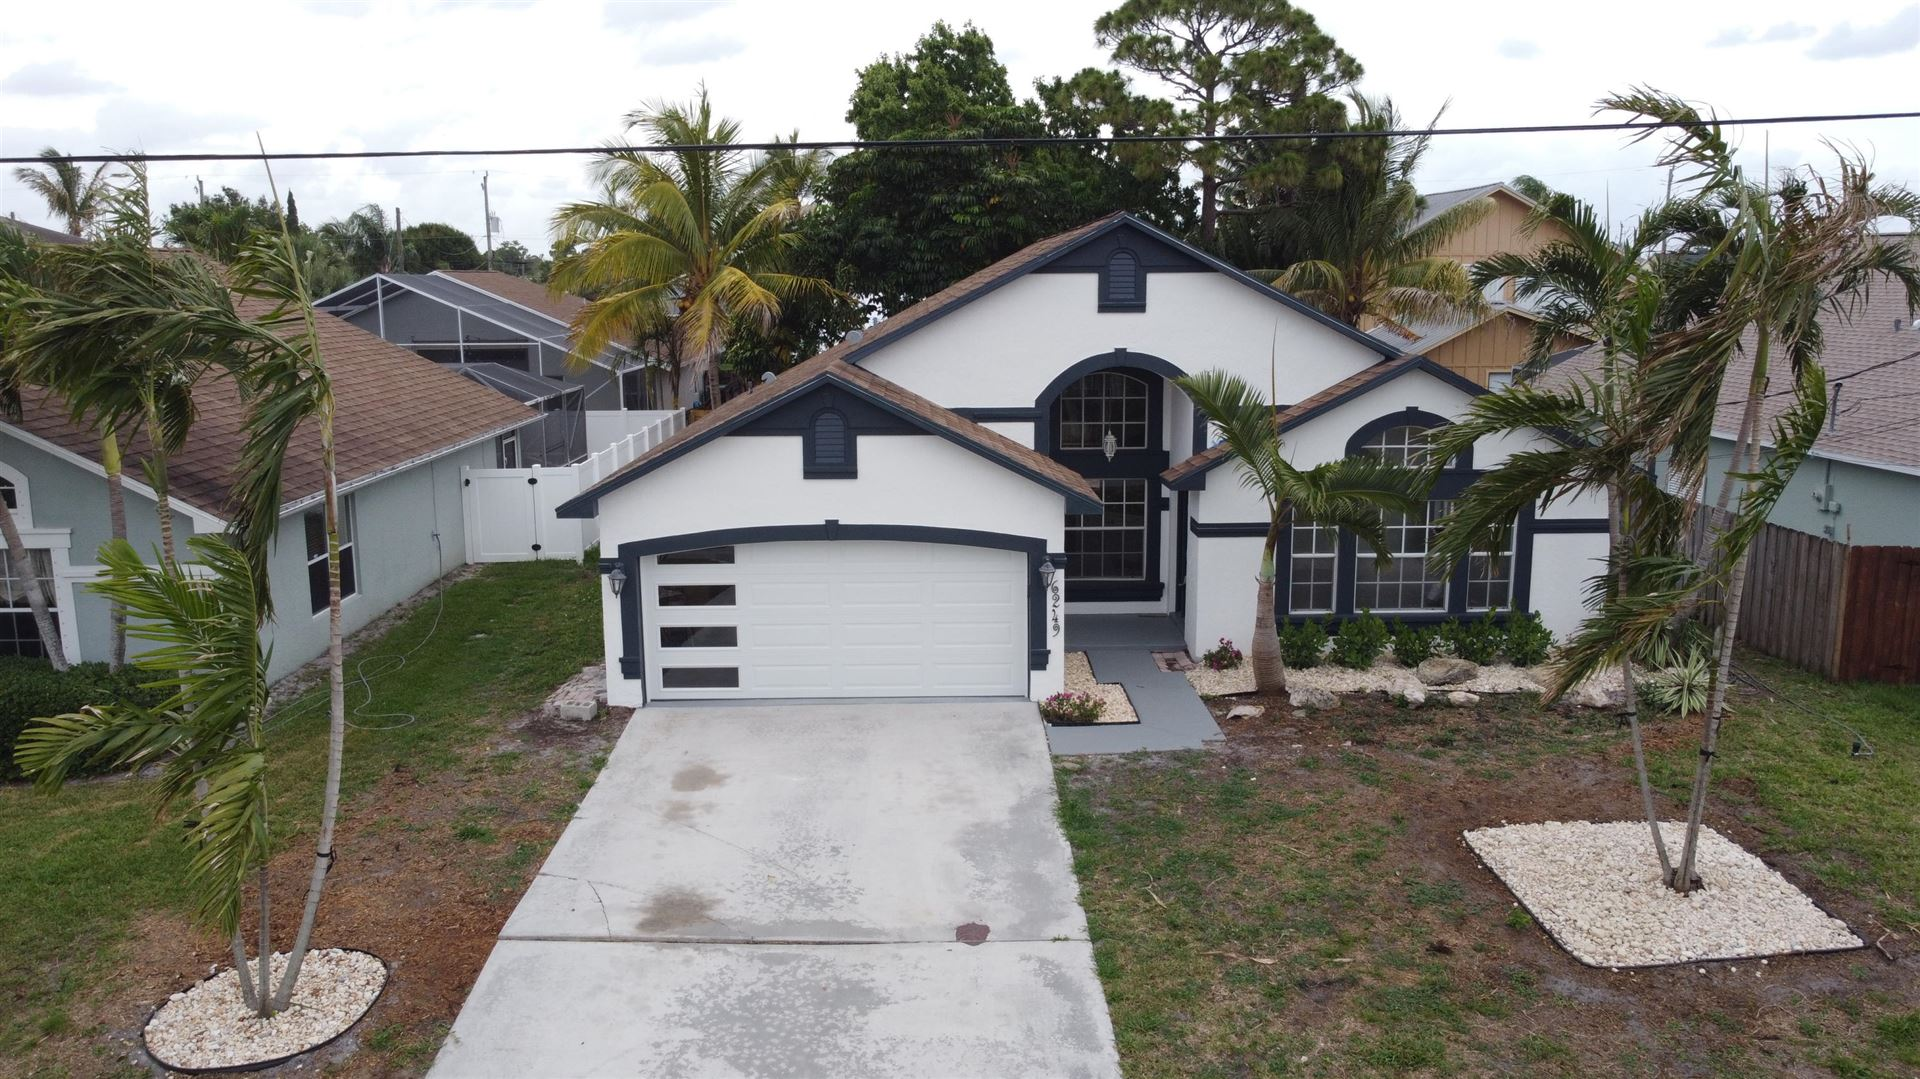 6249 Pompano Street, Jupiter, FL 33458 - #: RX-10620622